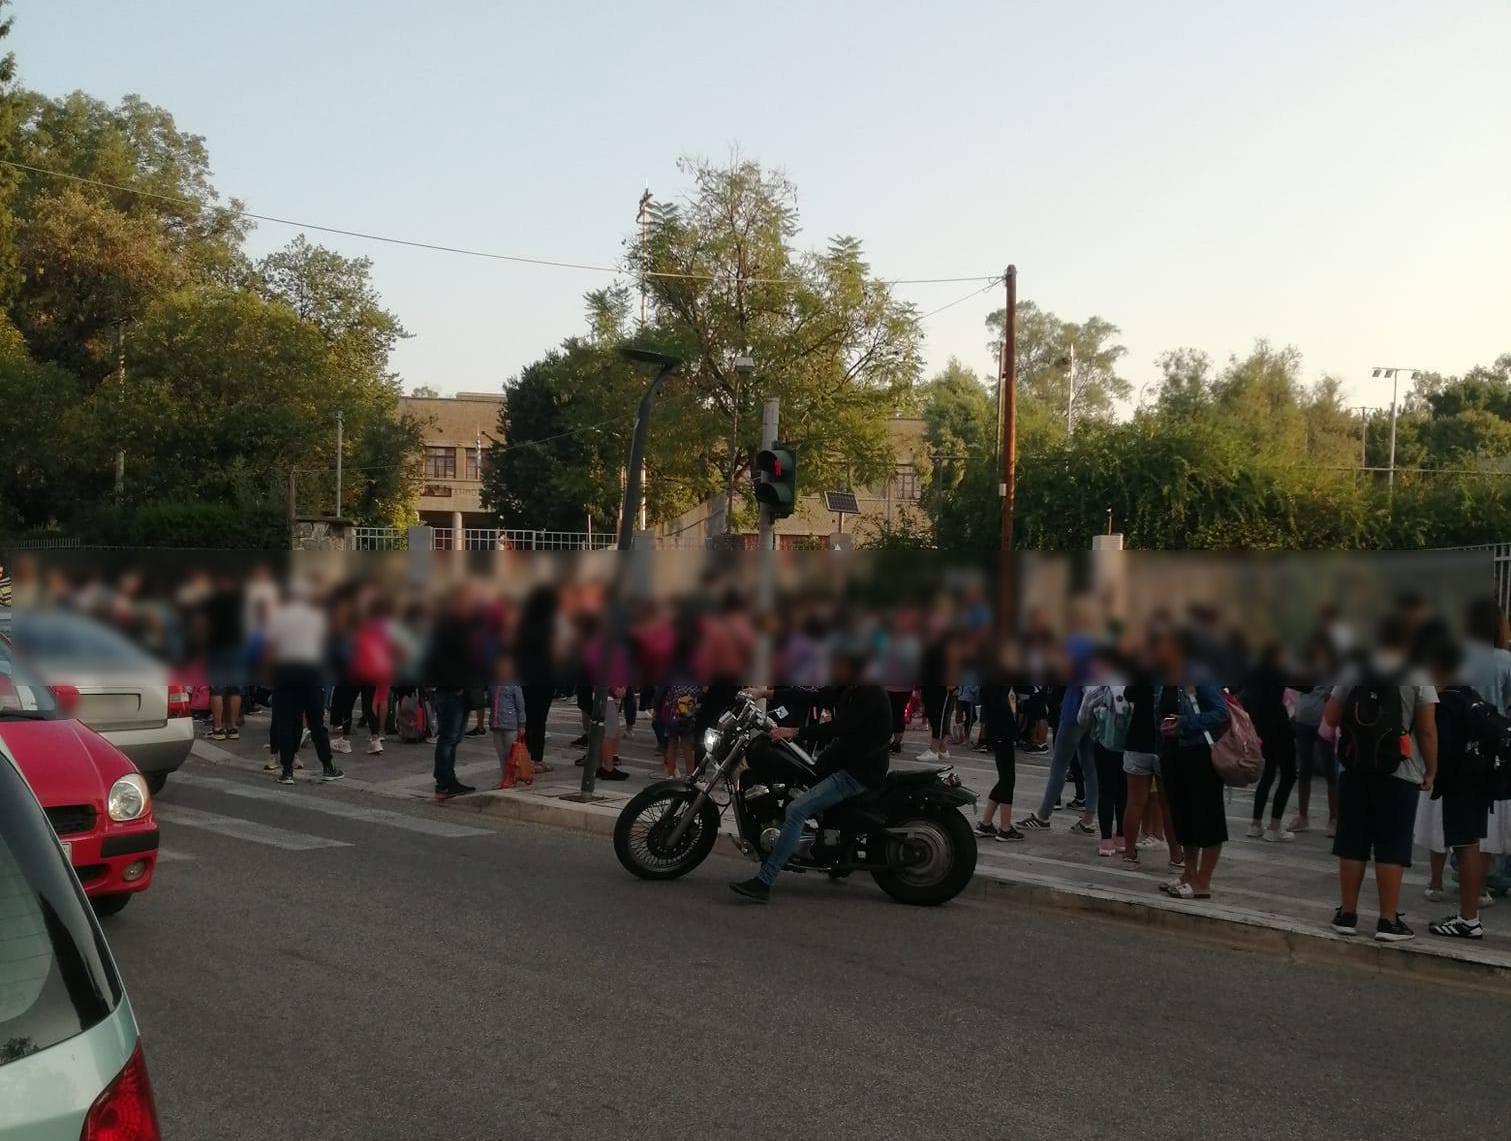 Επανεμφάνιση καταλήψεων σε σχολεία του Αγρινίου